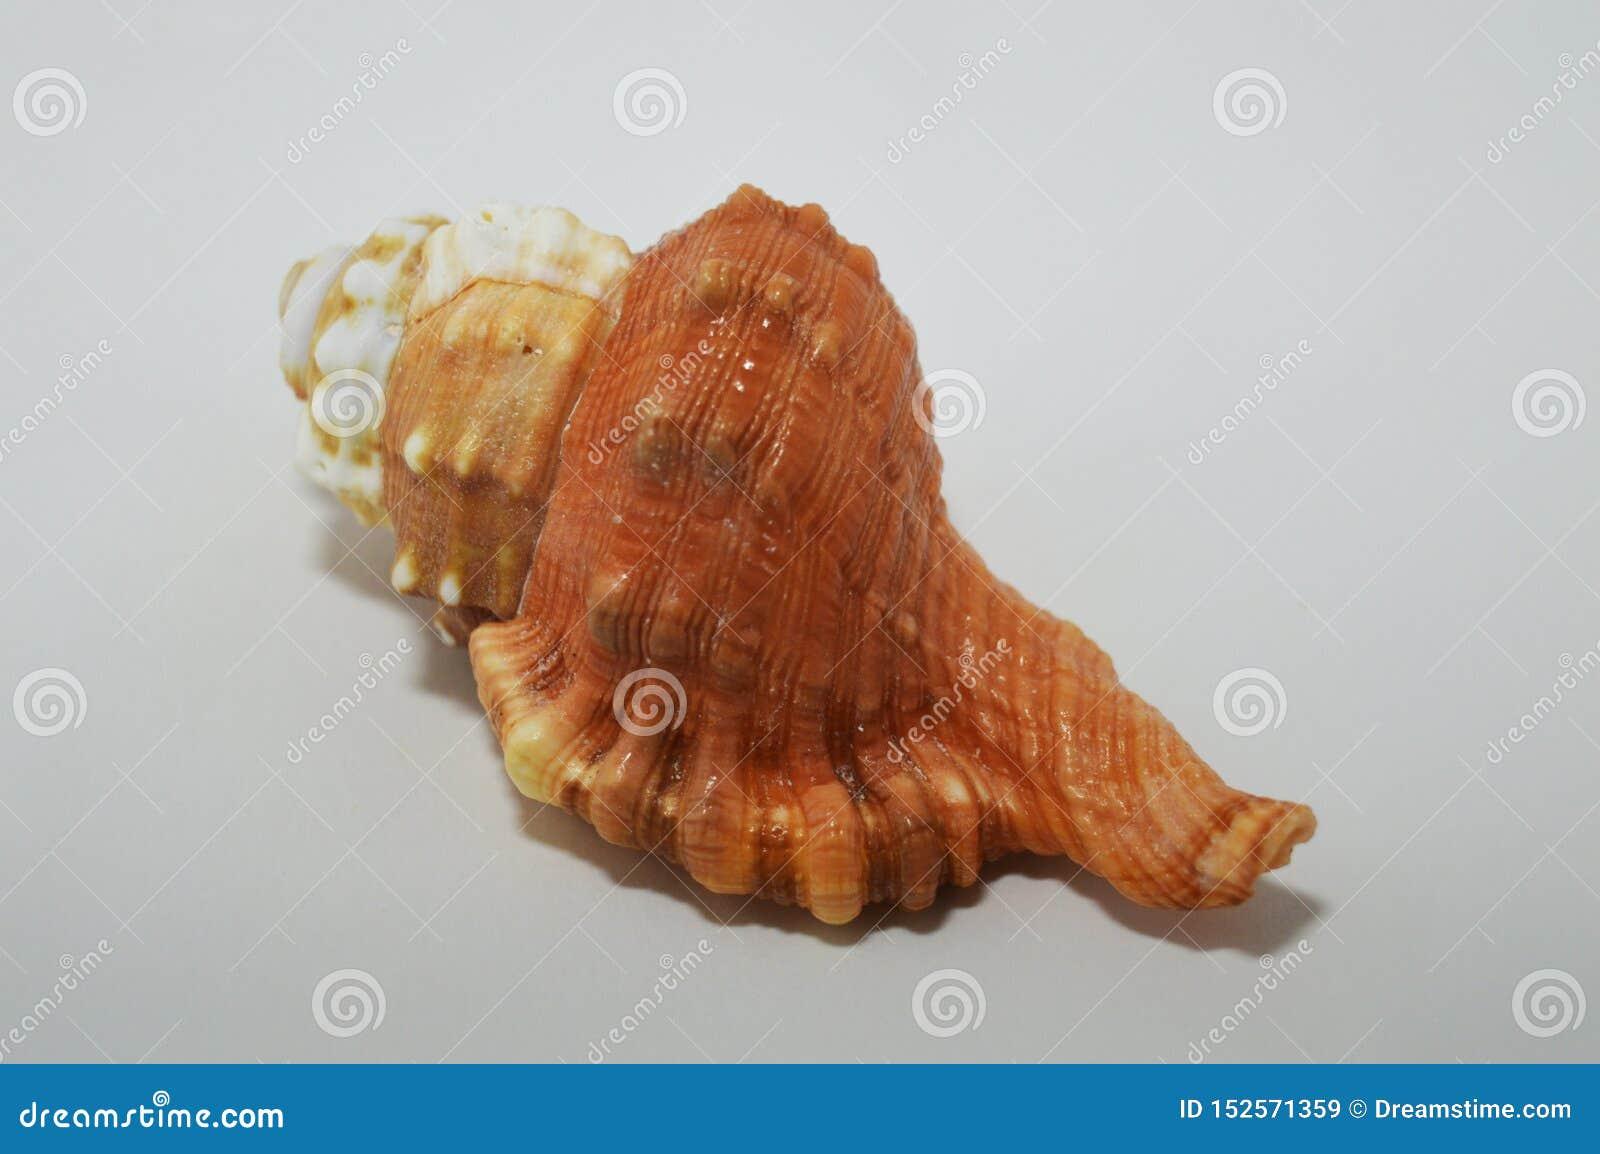 Όμορφο θαλασσινό κοχύλι στο άσπρο υπόβαθρο Υπόβαθρο με ένα ζωηρόχρωμο κοχύλι